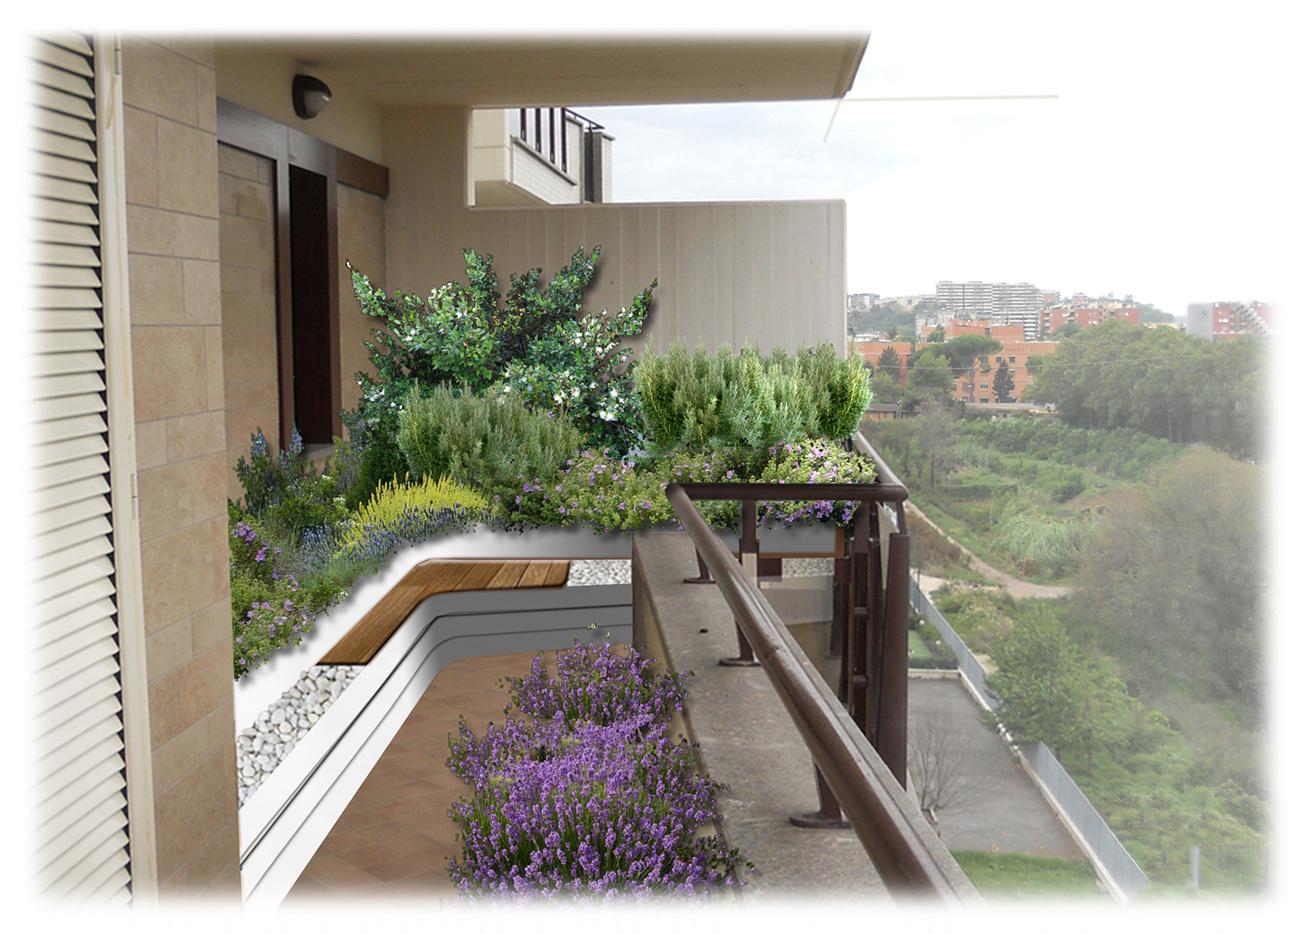 Piante Balcone Est : Come decorare il balcone con le piante mediterranee foto